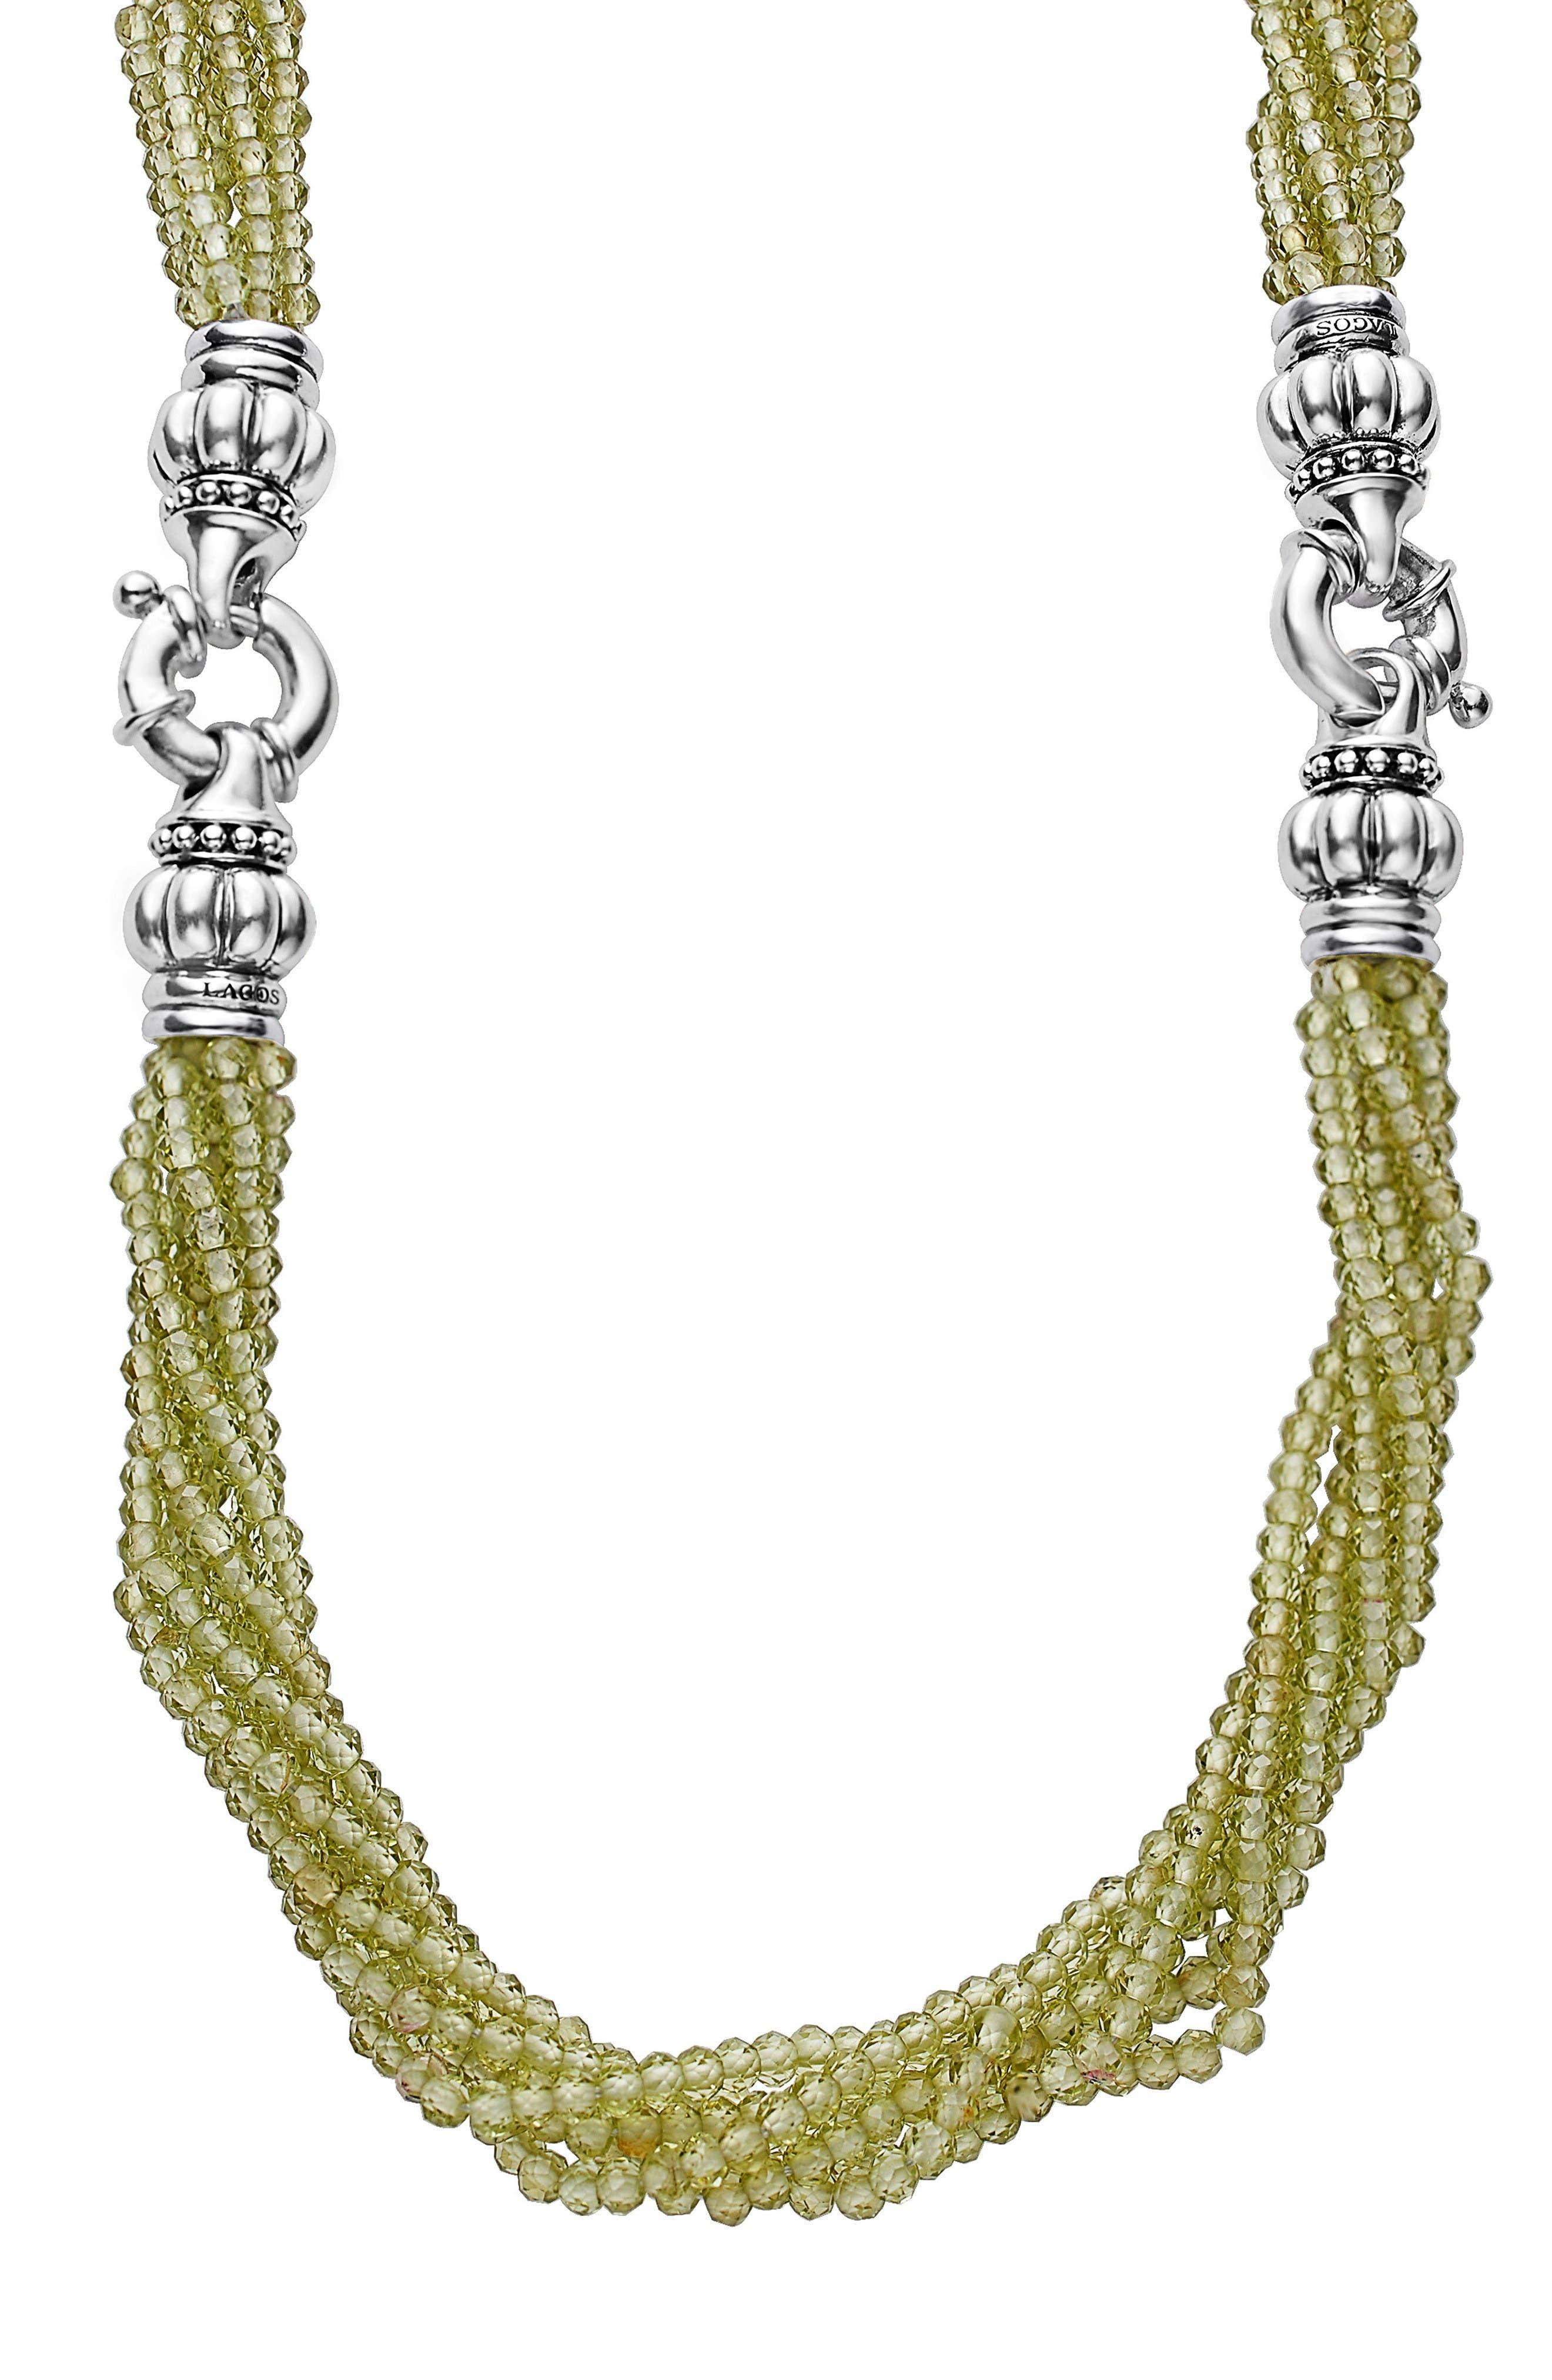 LAGOS Caviar Icon Bead Convertible Bracelet & Necklace